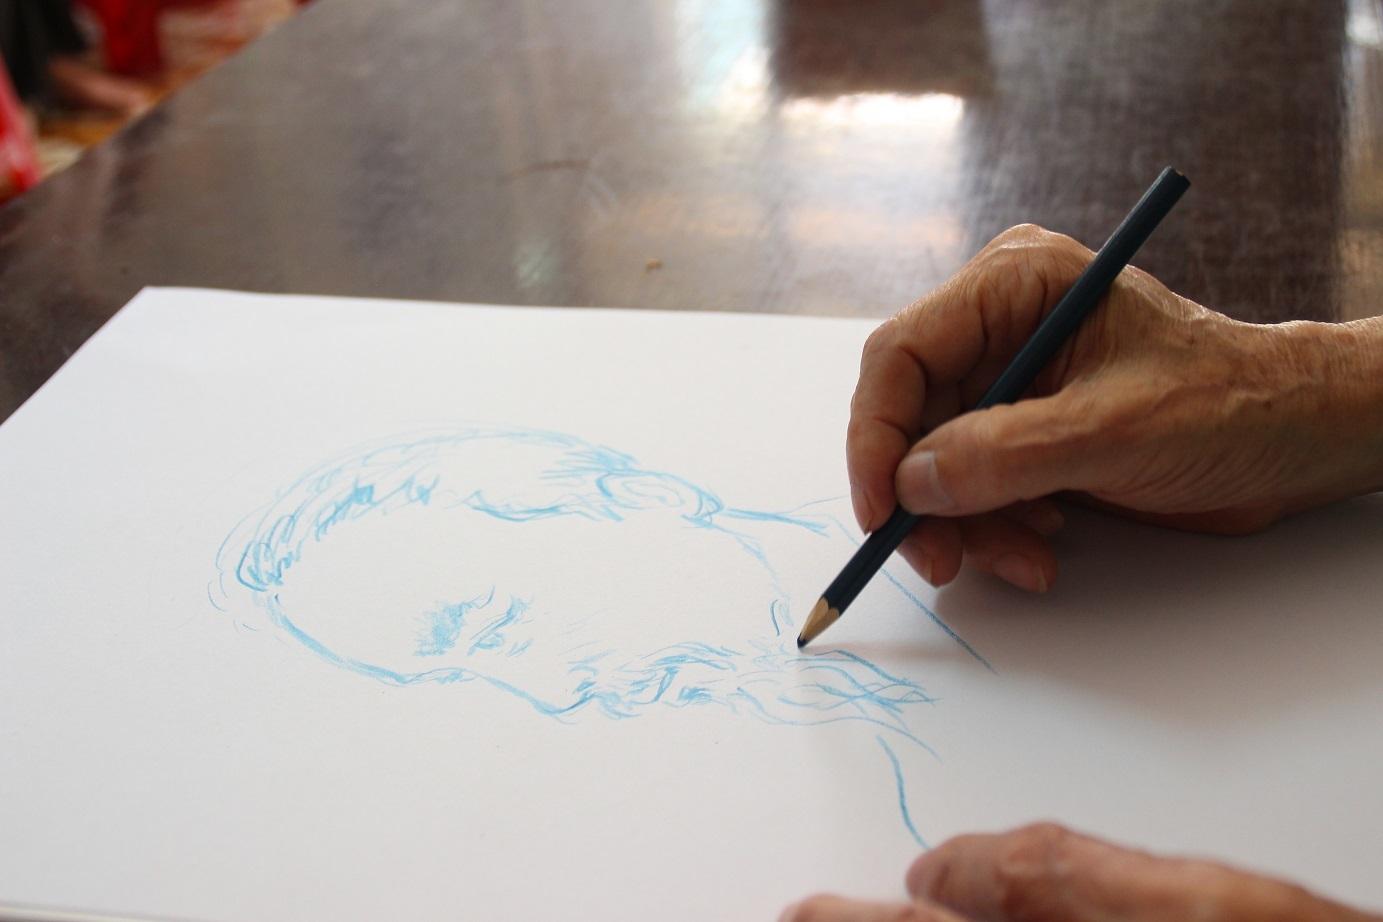 Thượng tá quân đội dành cả tuổi thanh xuân để vẽ Bác Hồ